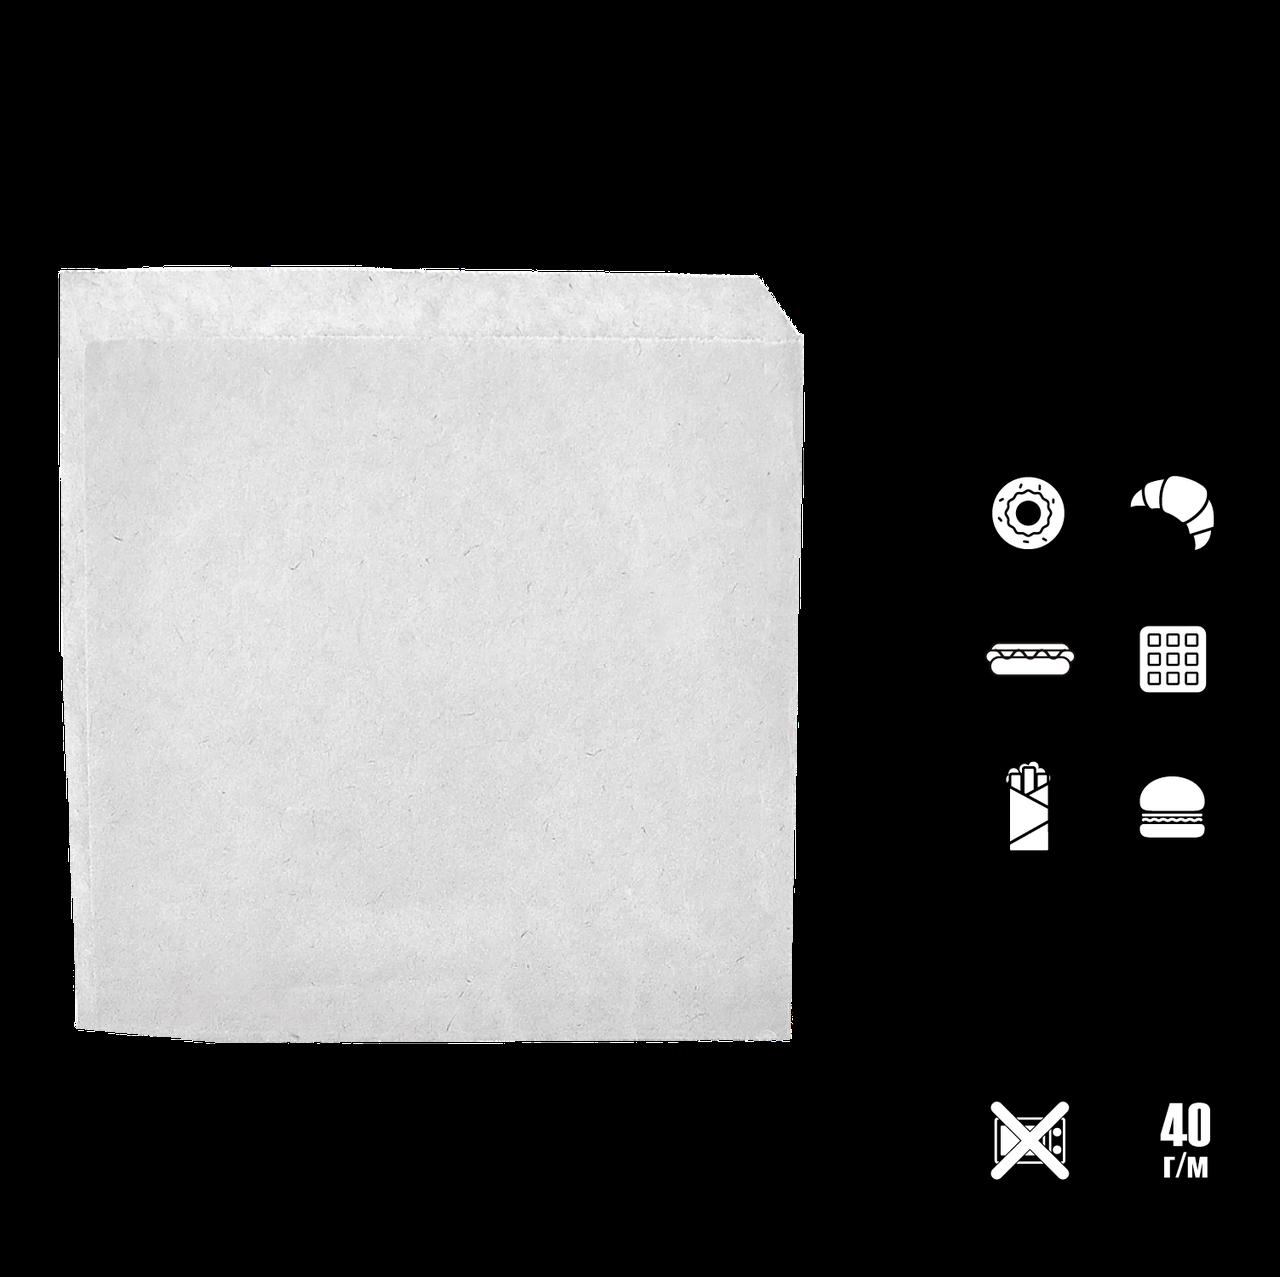 Бумажный пакет Уголок Белый 210х200мм (ВхШ) 40г/м² 500шт (31)